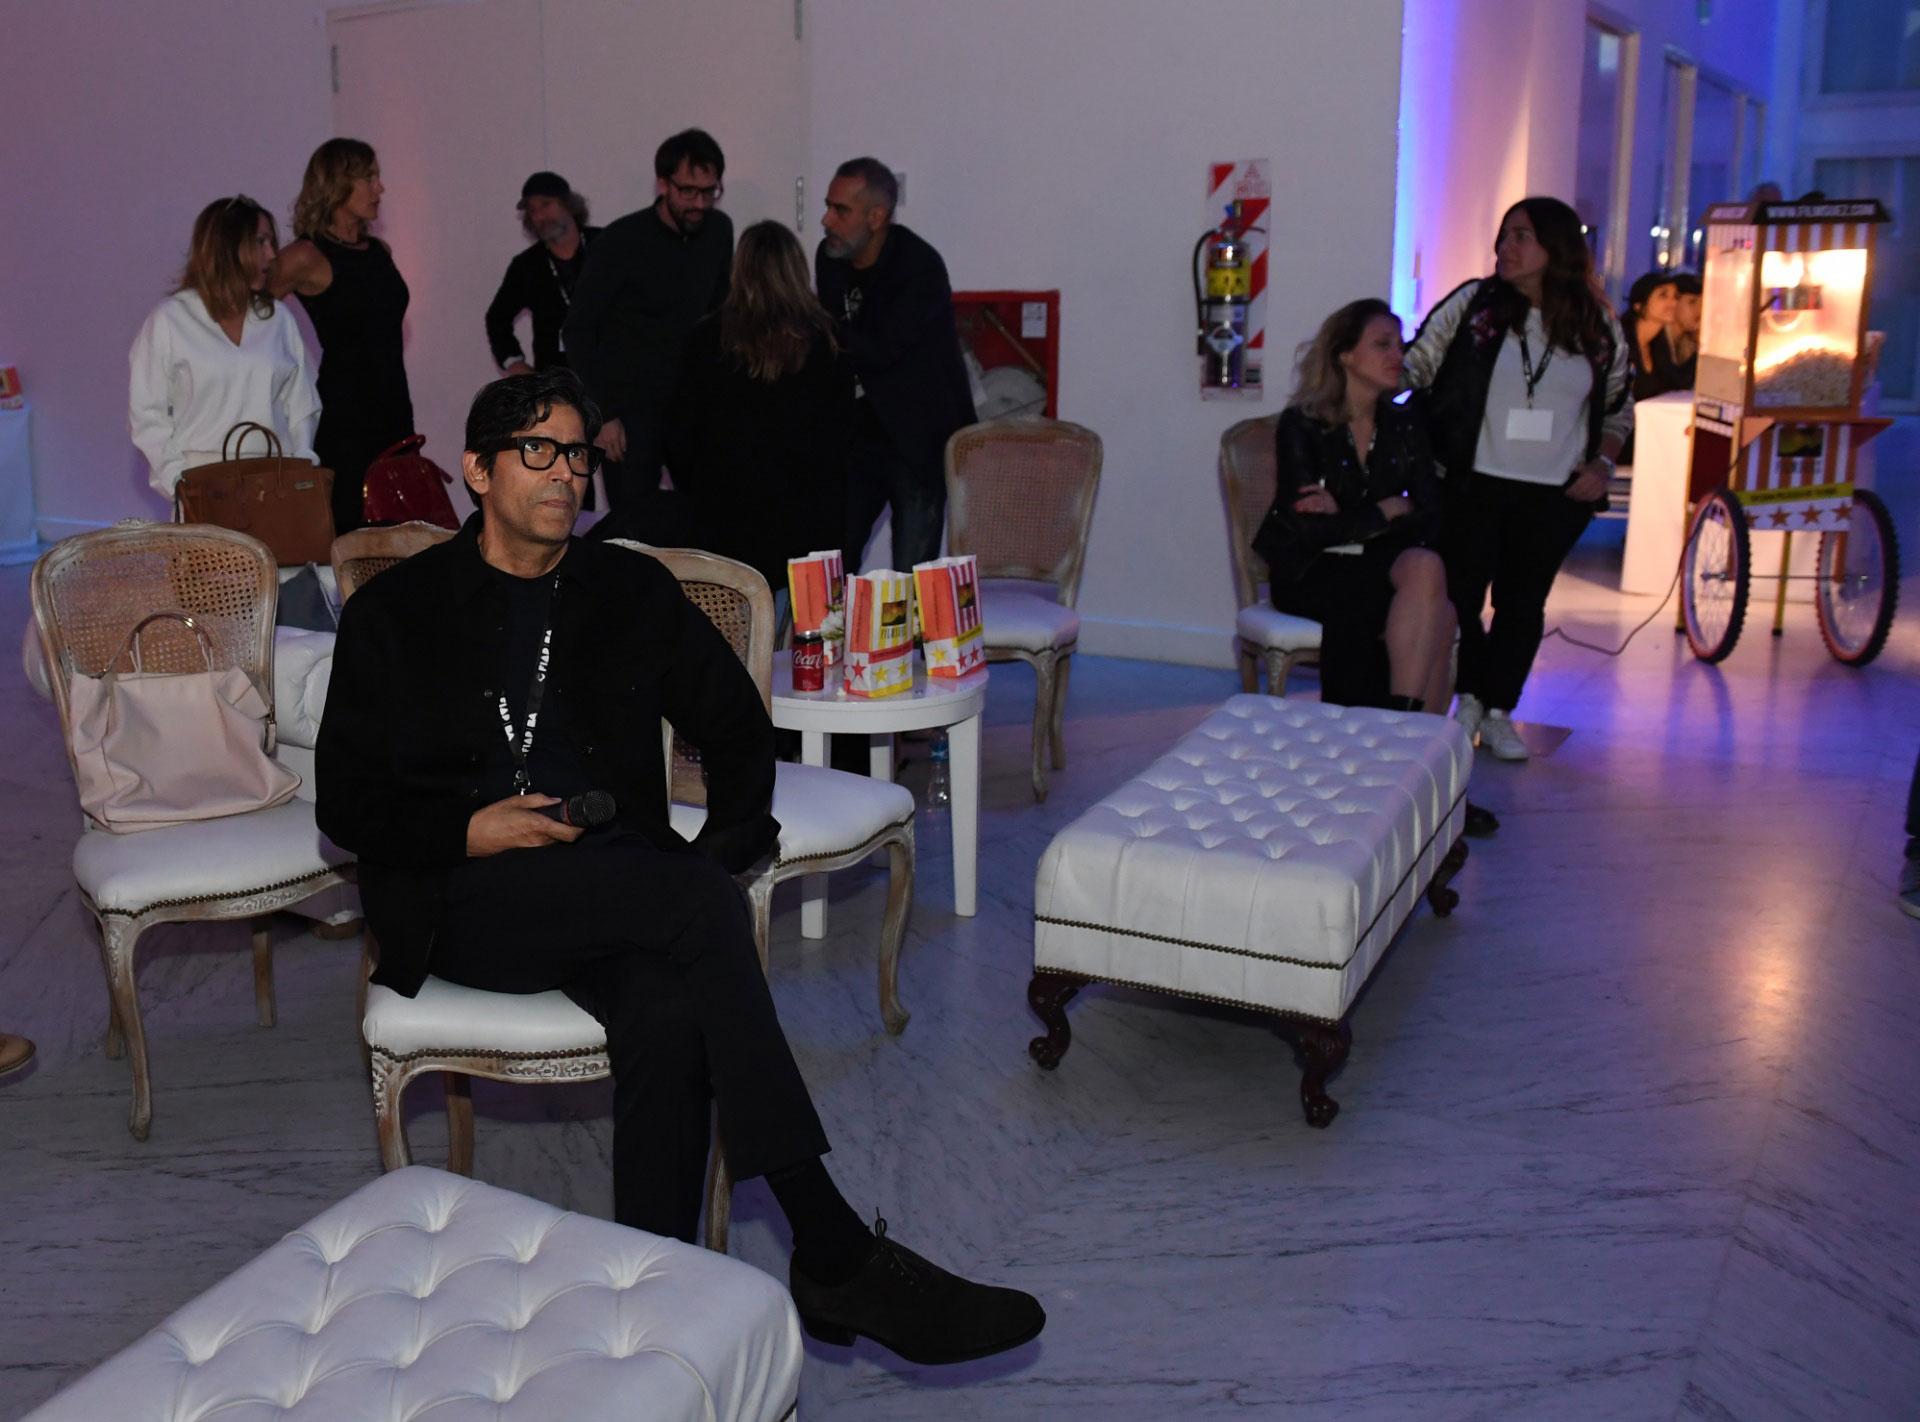 Marcos Santana escuchó atentamente la conferencia de Kolankowsky, quien lo precedió en el escenario del Faena Arts Center